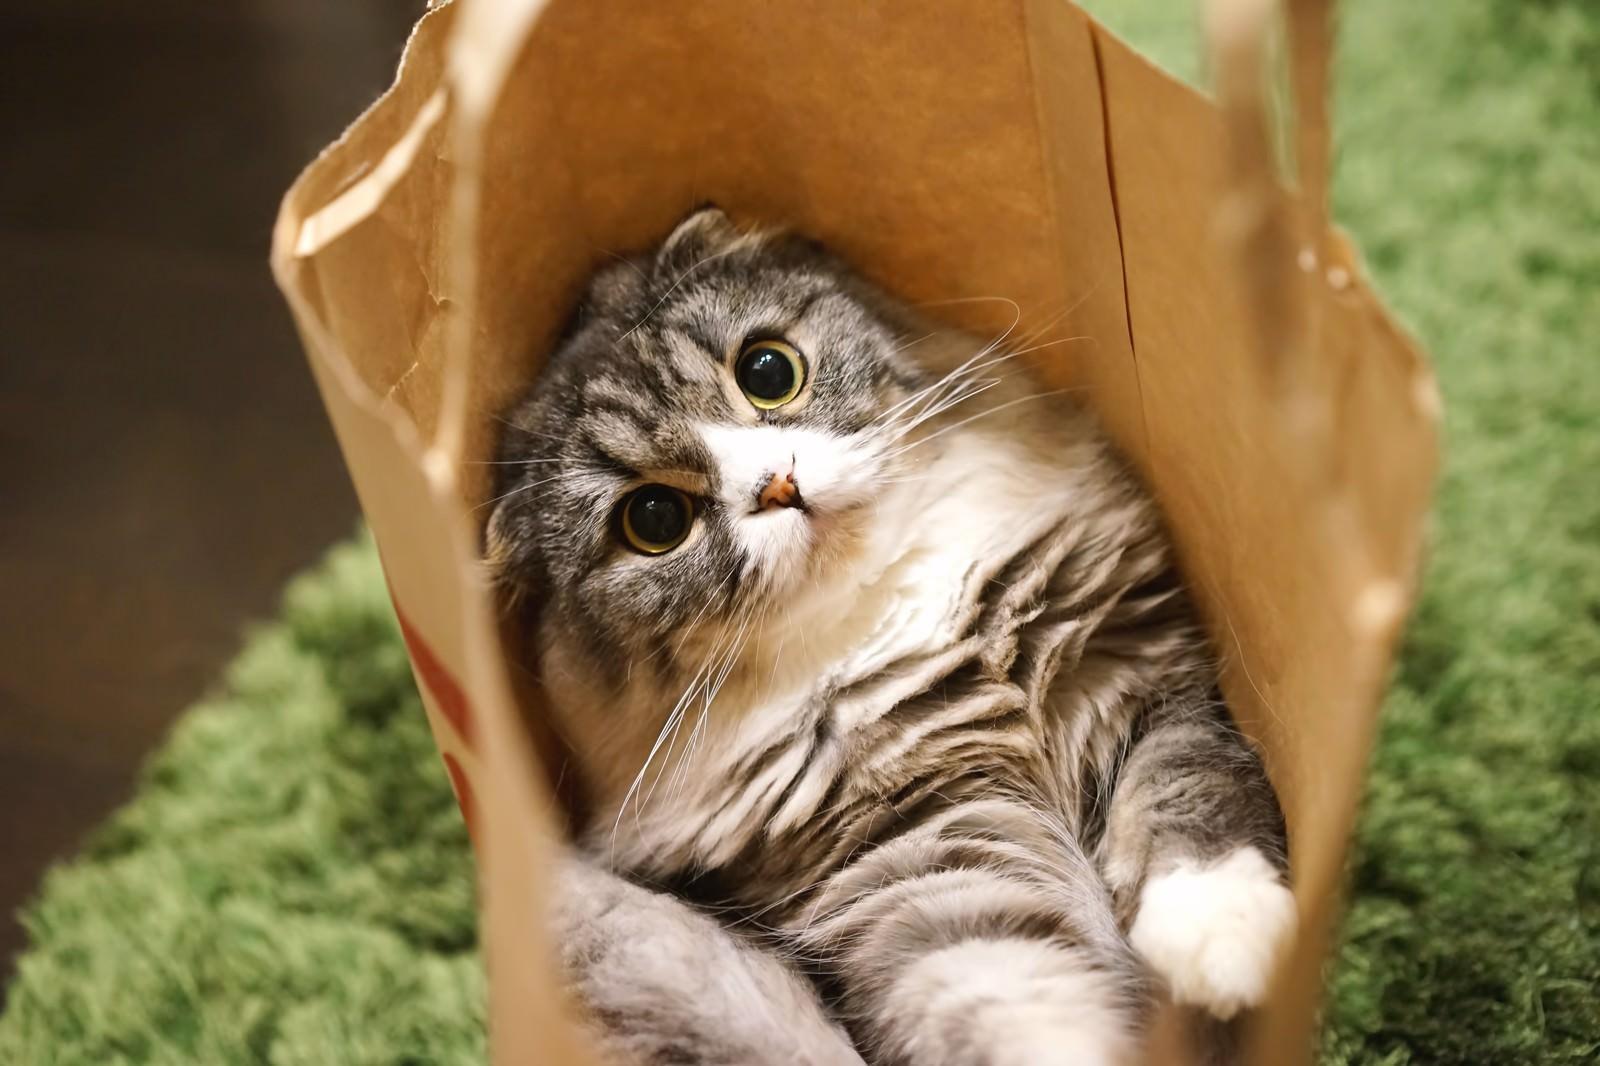 「紙袋から出れそうなオス猫(スコティッシュフォールド)」の写真